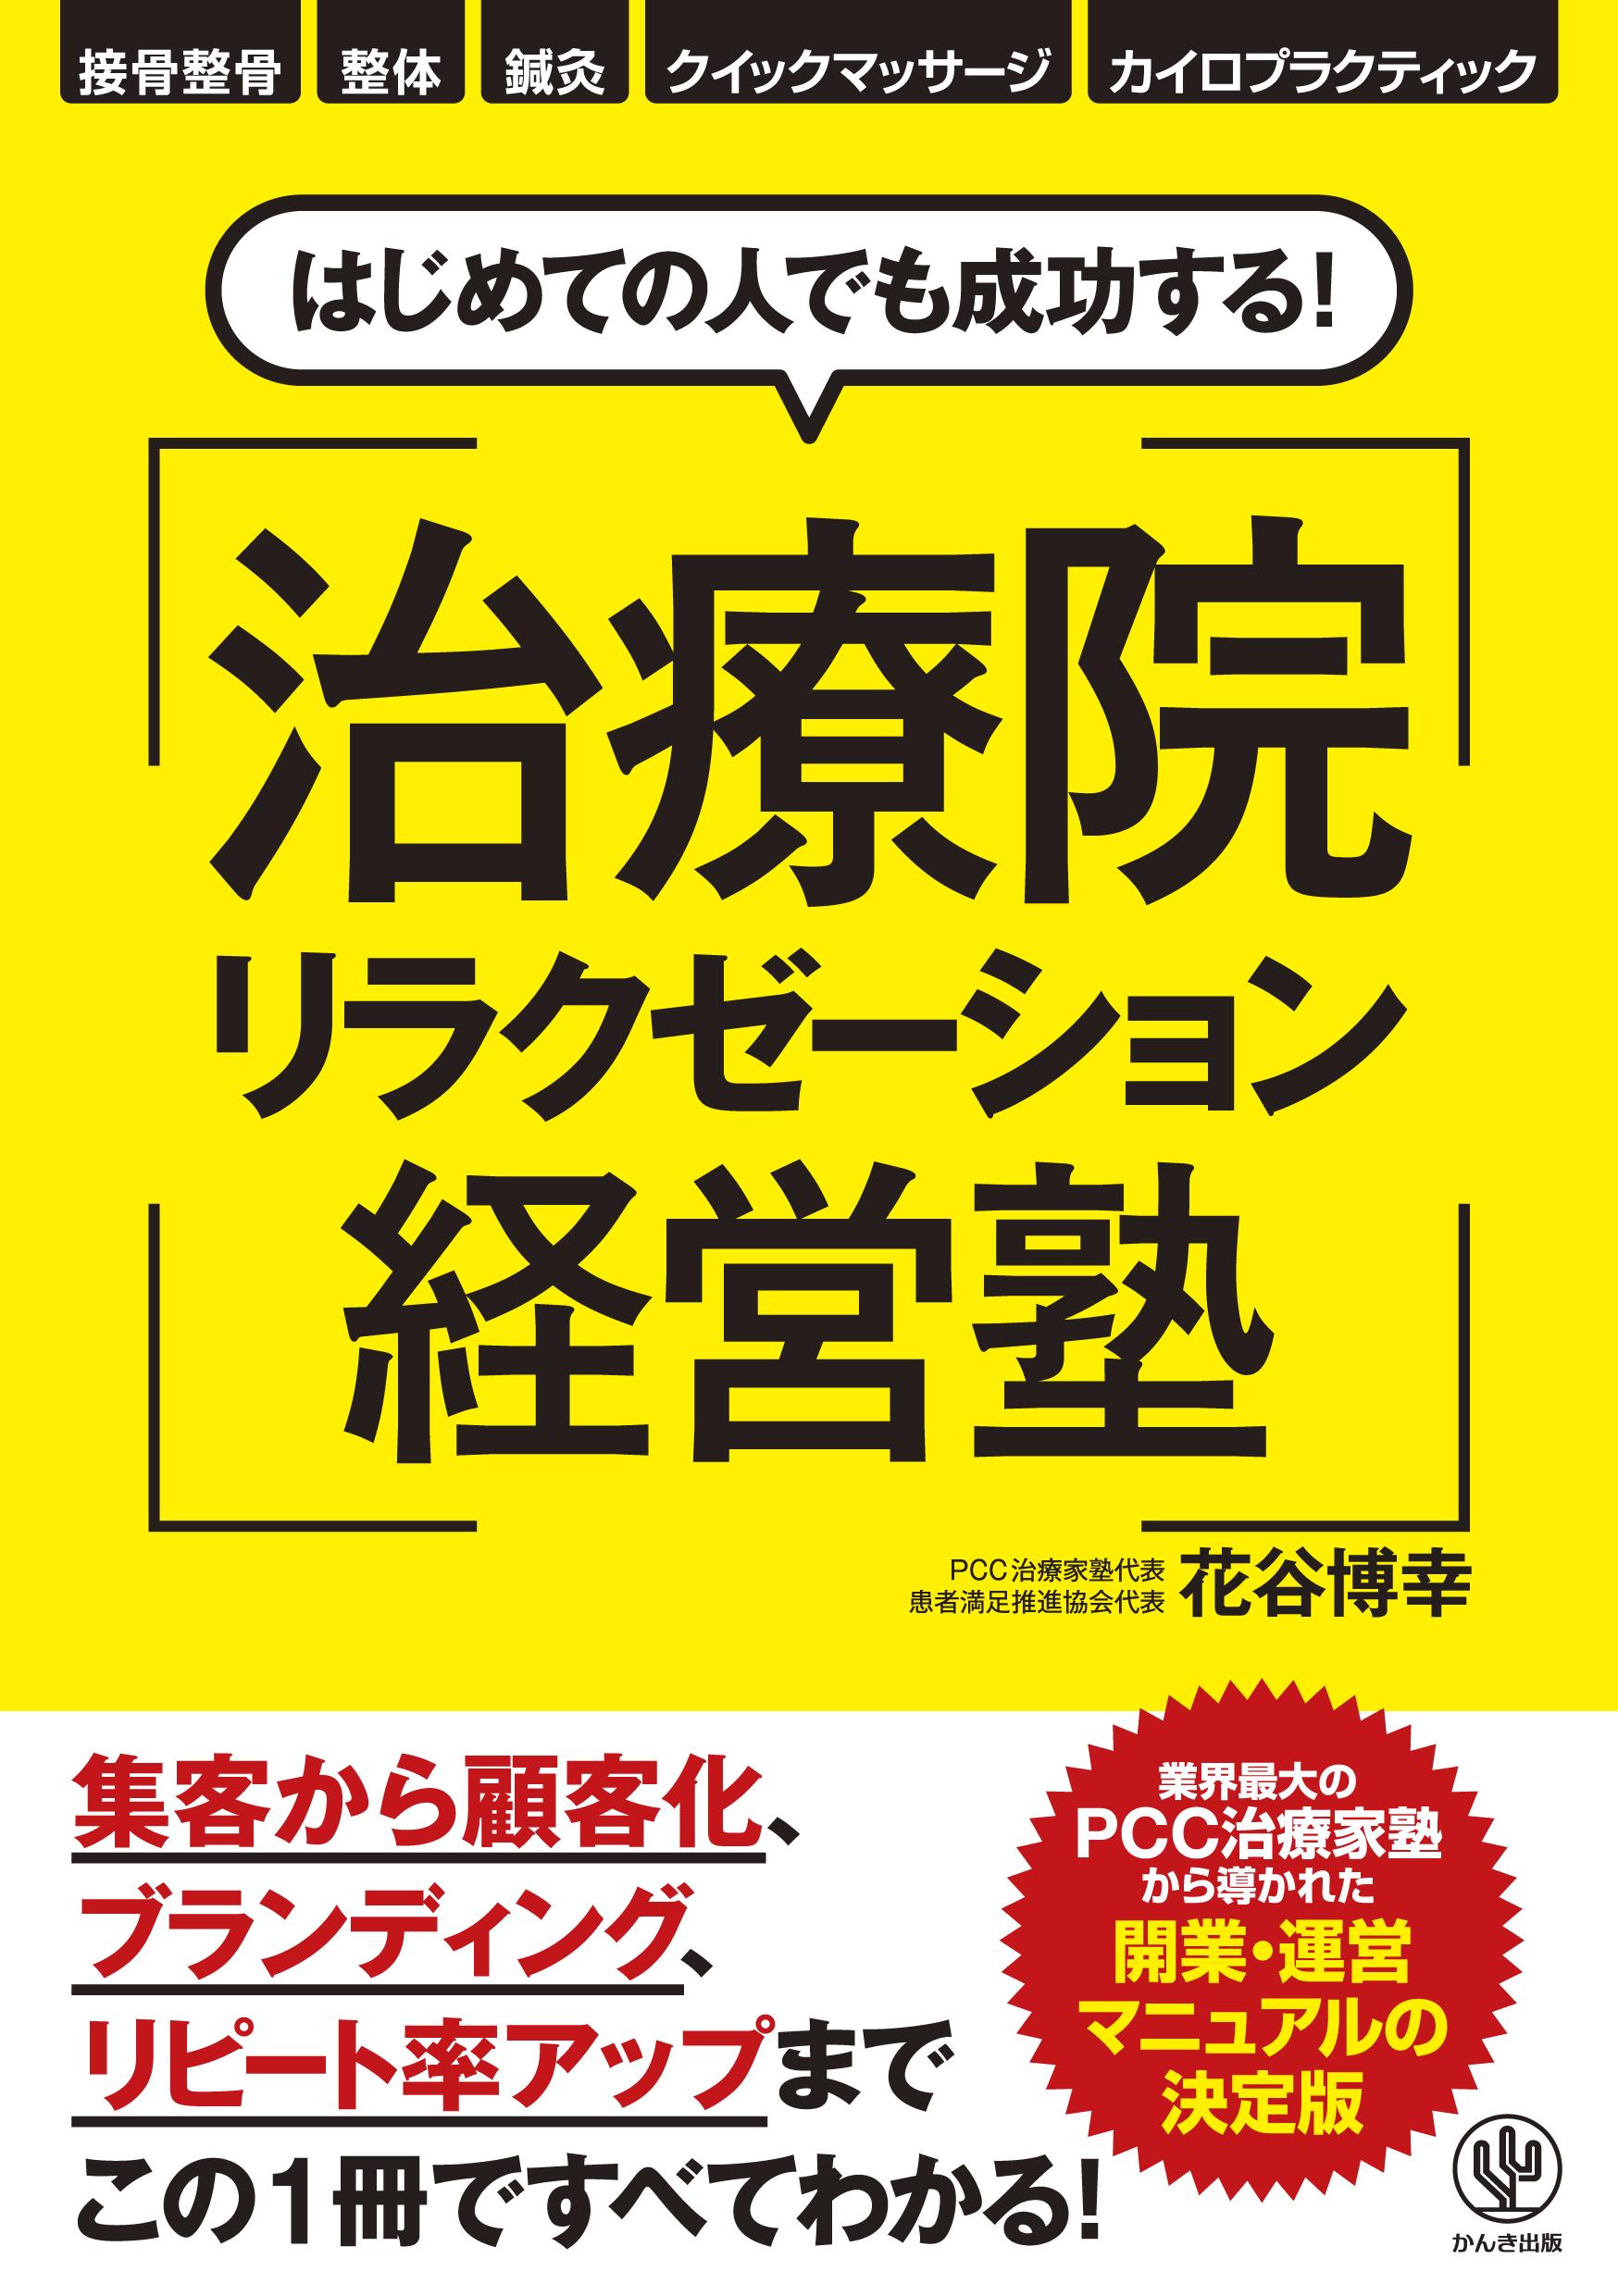 治療院リラクゼーションサロン経営塾